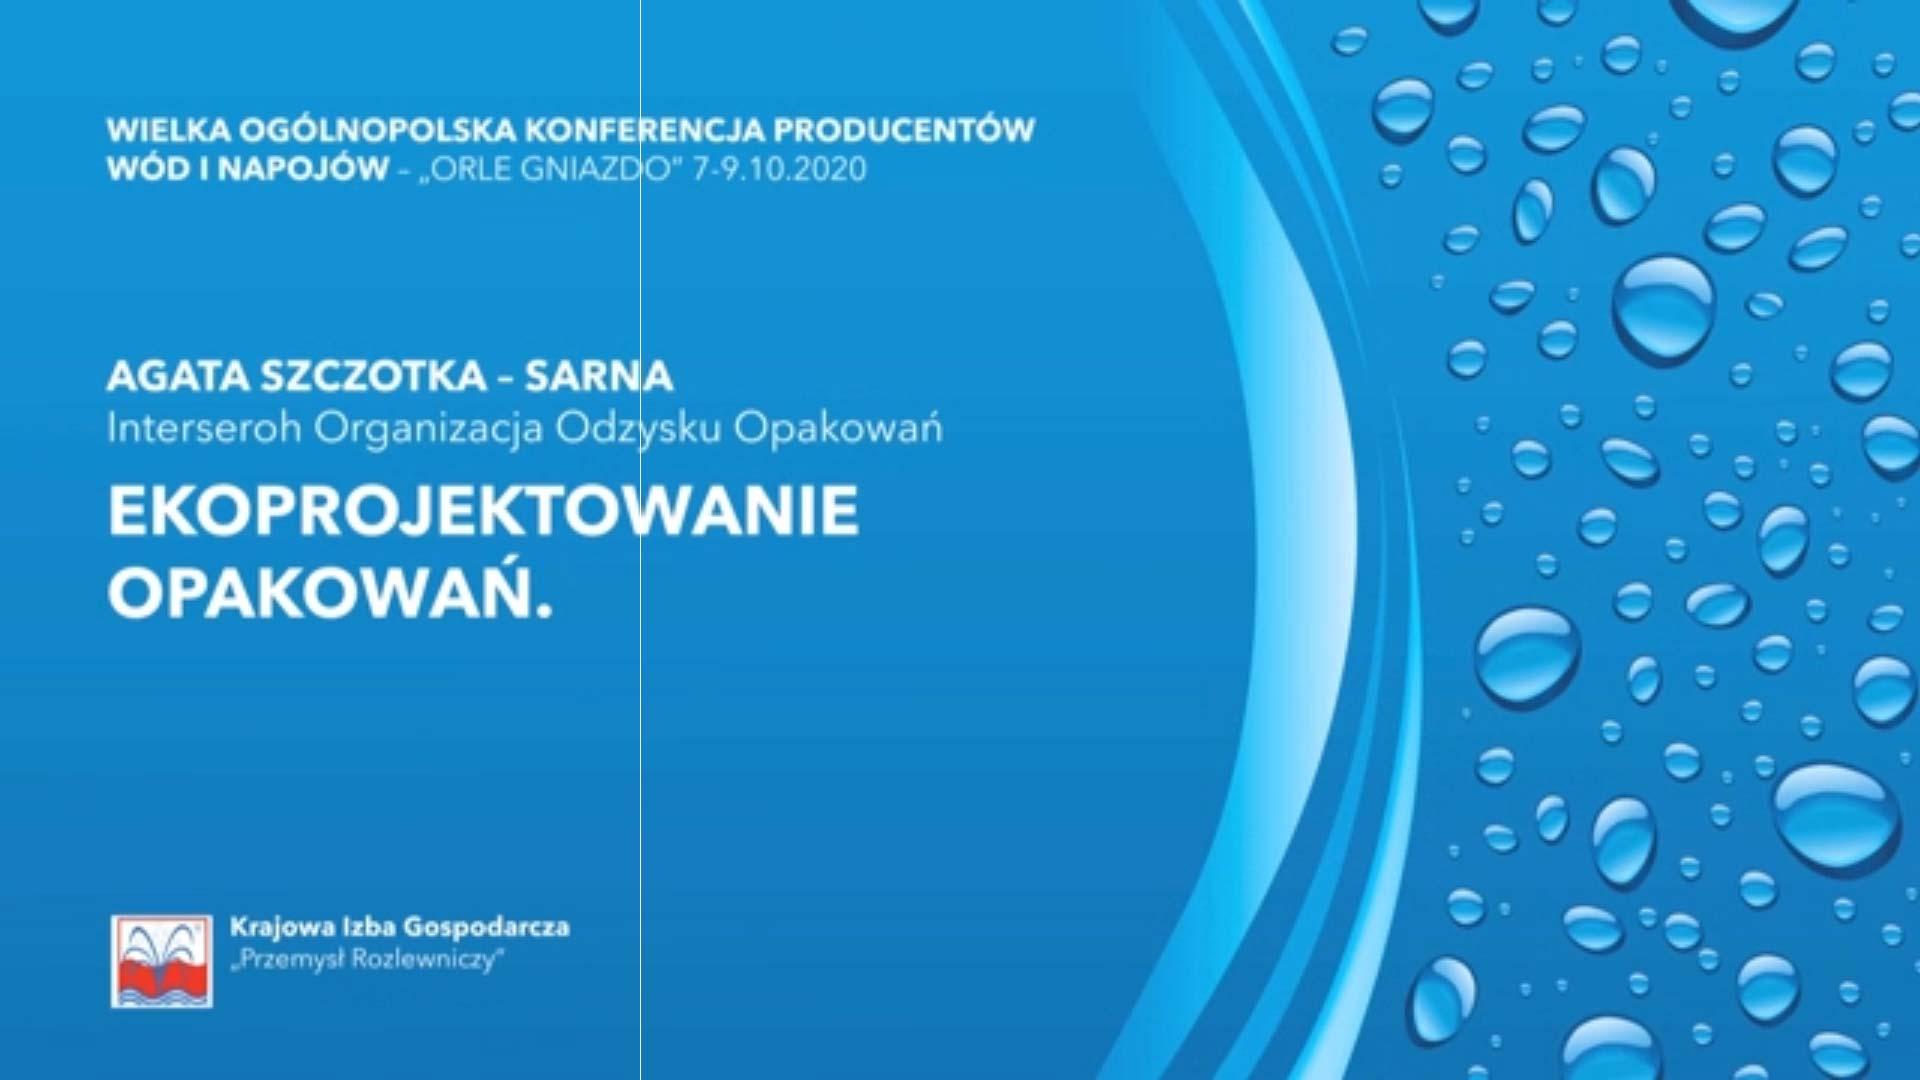 Agata Szczotka-Sarna - Ekoprojektowanie opakowań